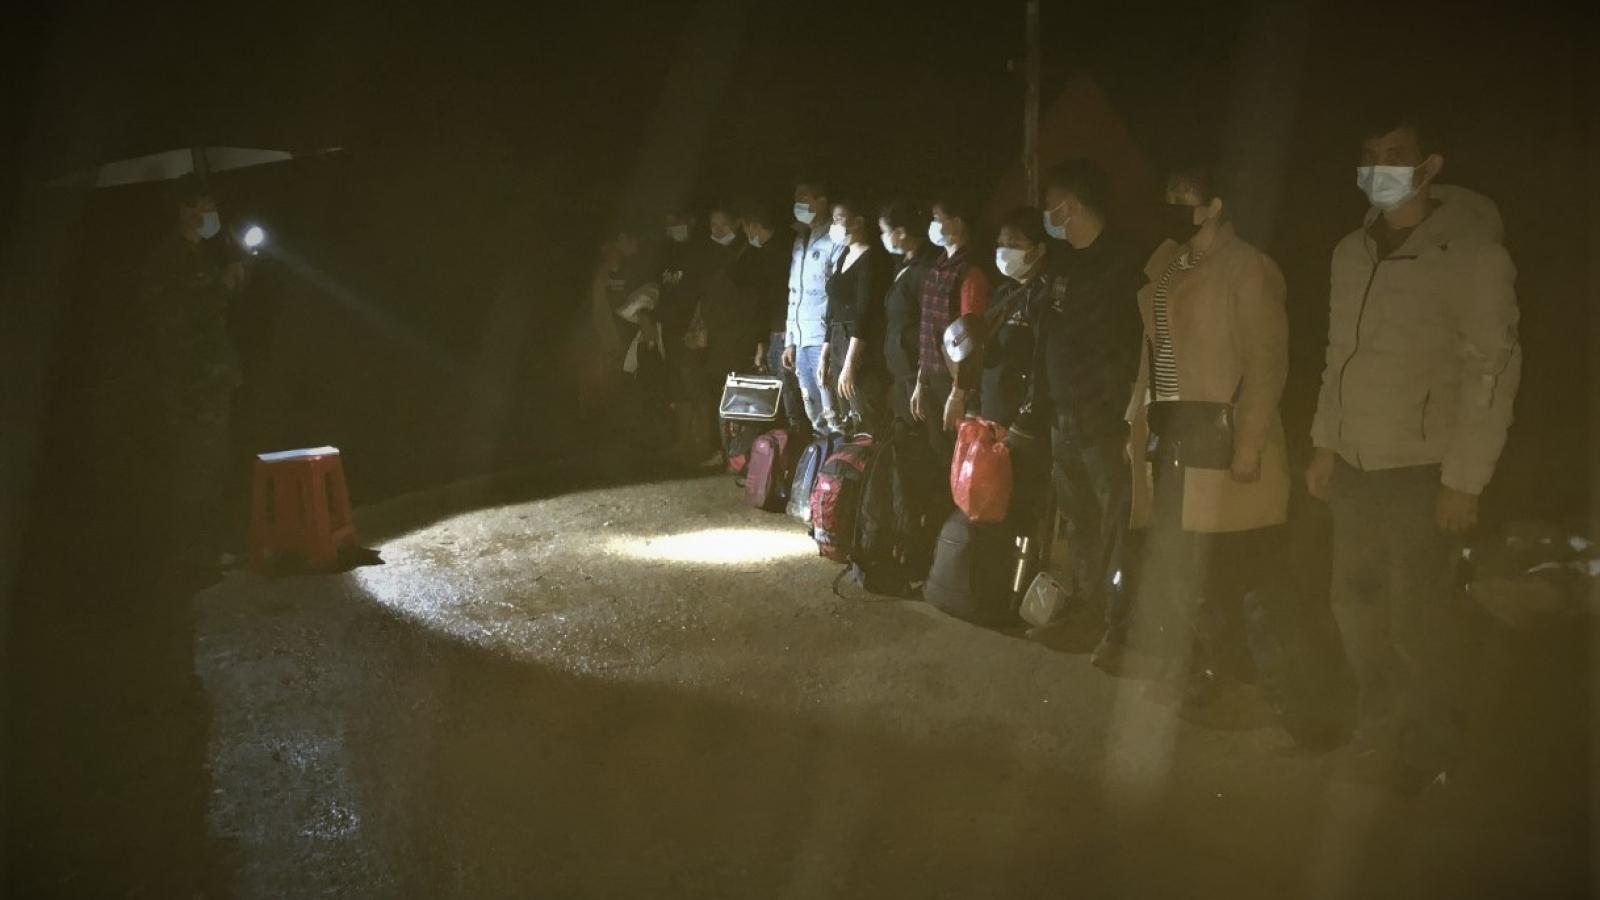 Phát hiện nhóm người nhập cảnh trái phép lúc rạng sáng